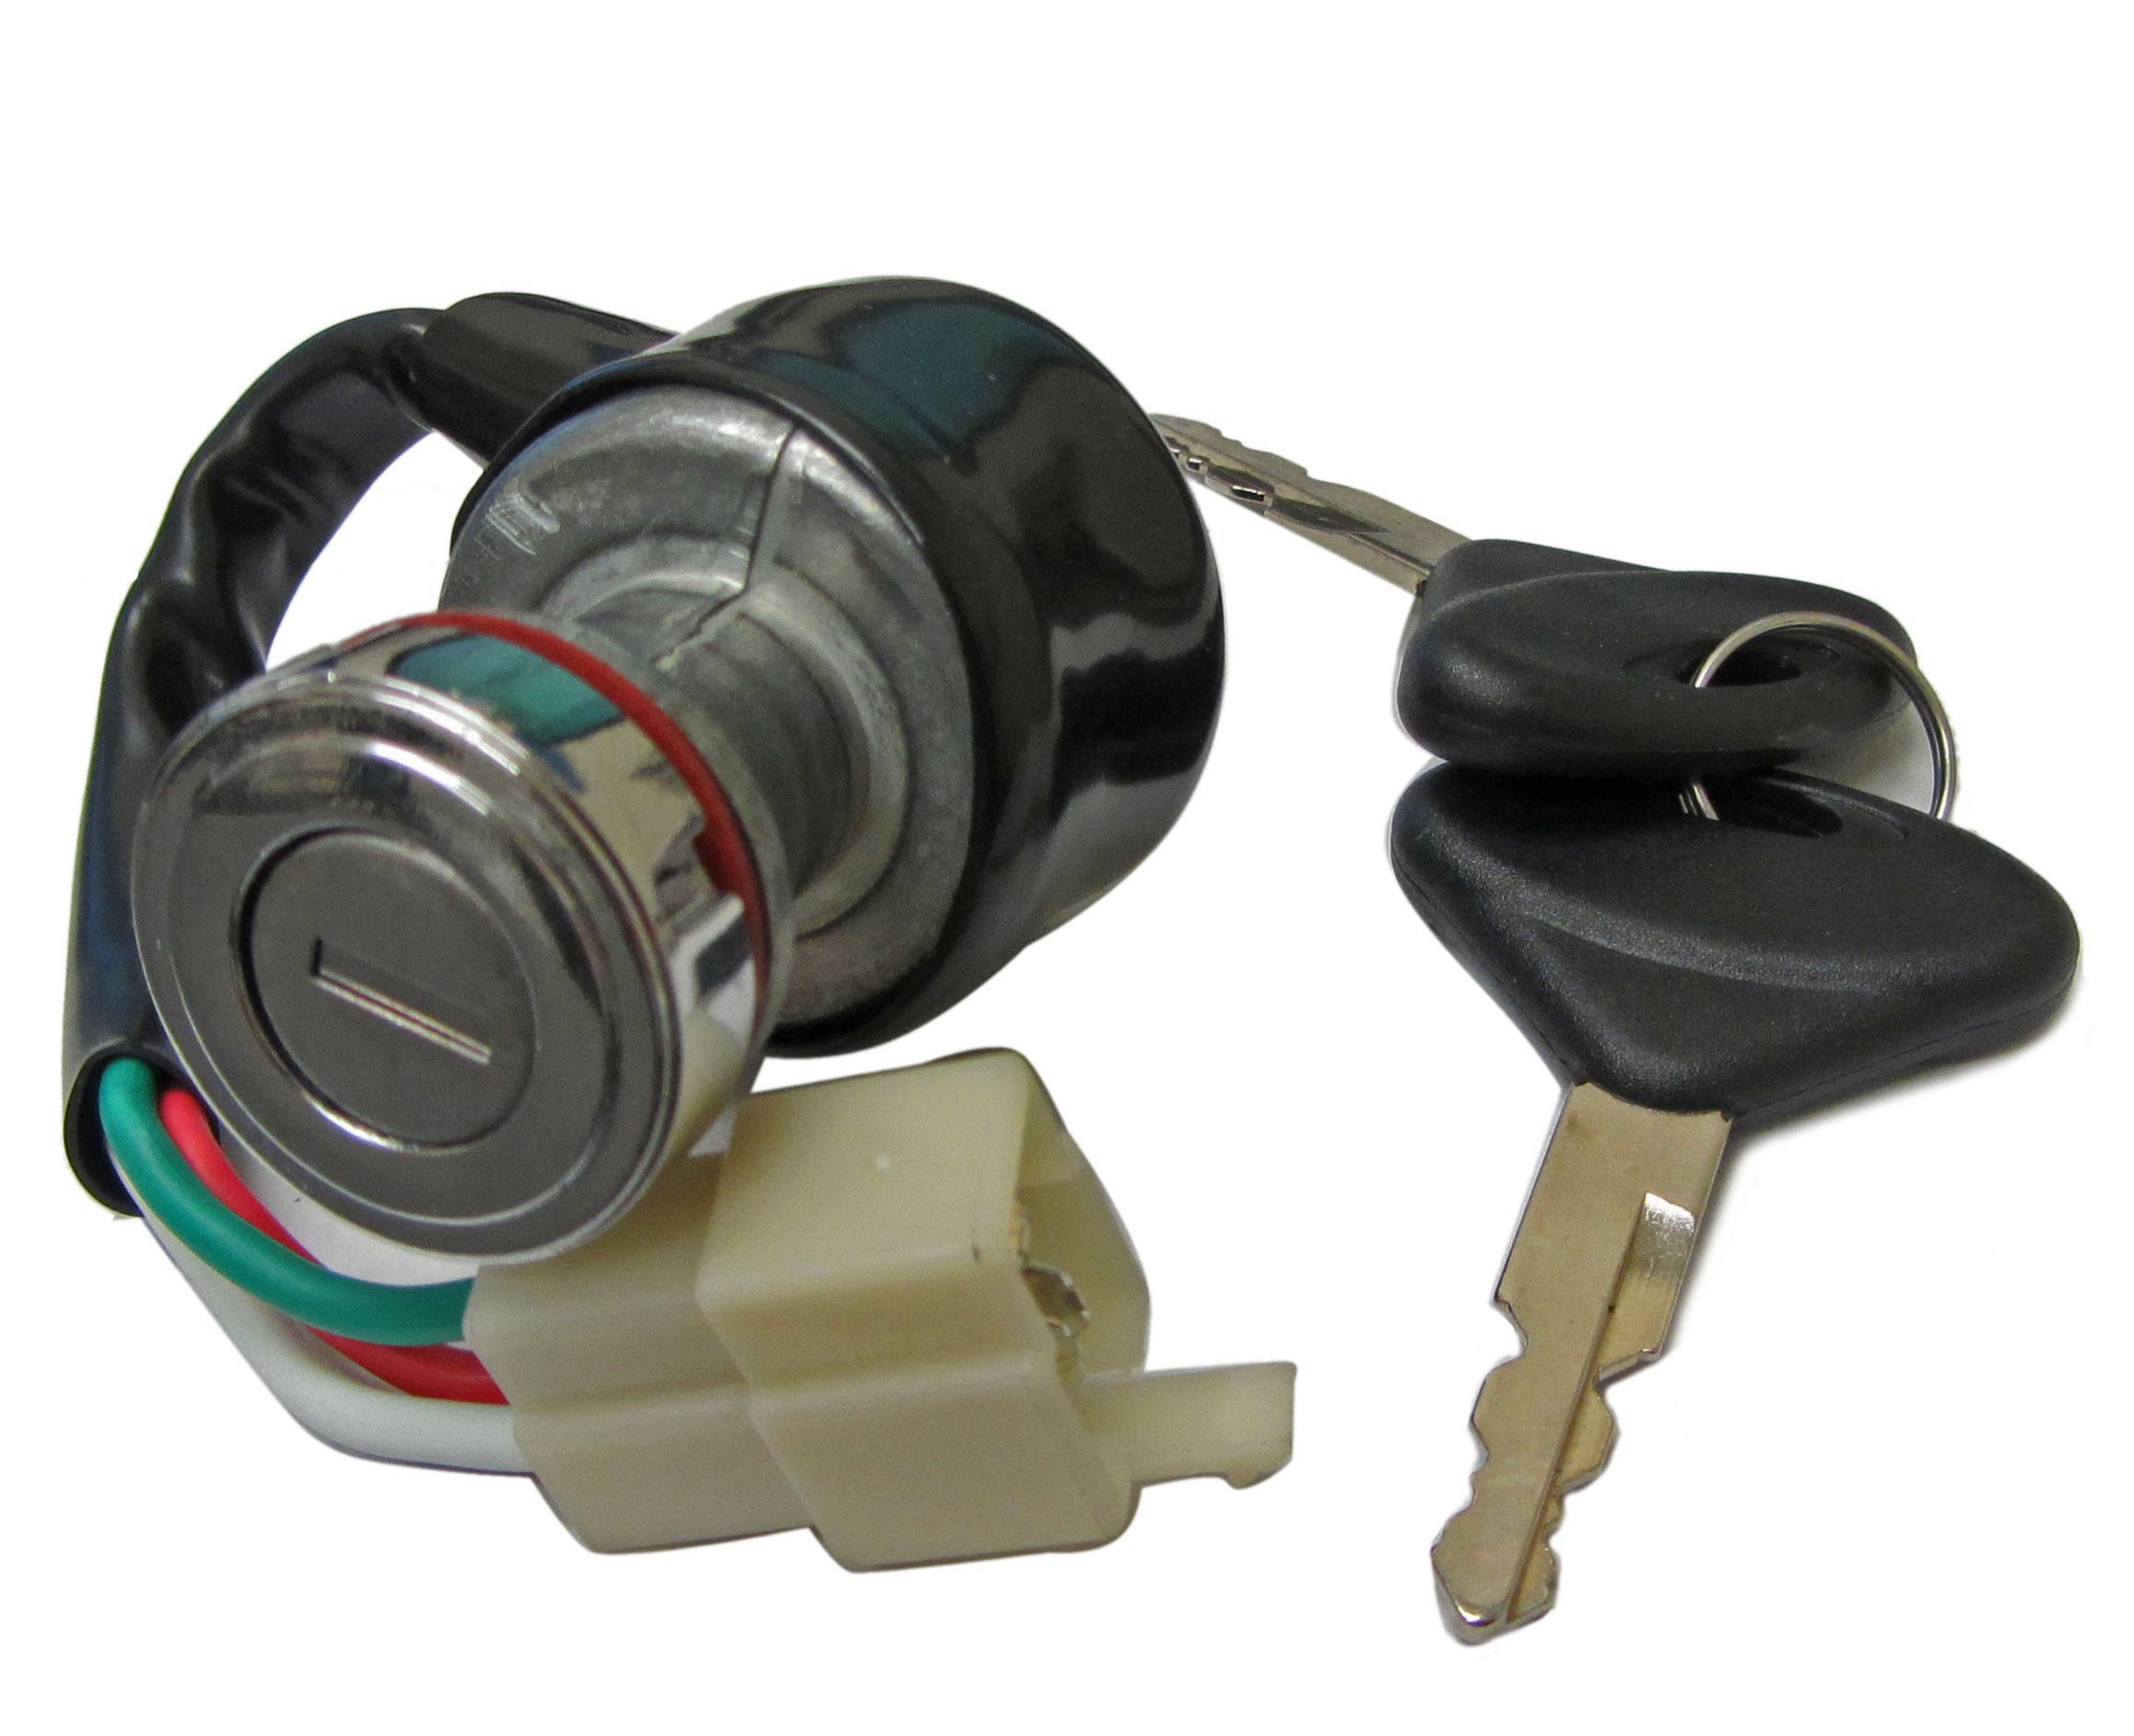 Hammerhead Wiring Diagram On Helix 150cc Go Kart Wiring Diagram